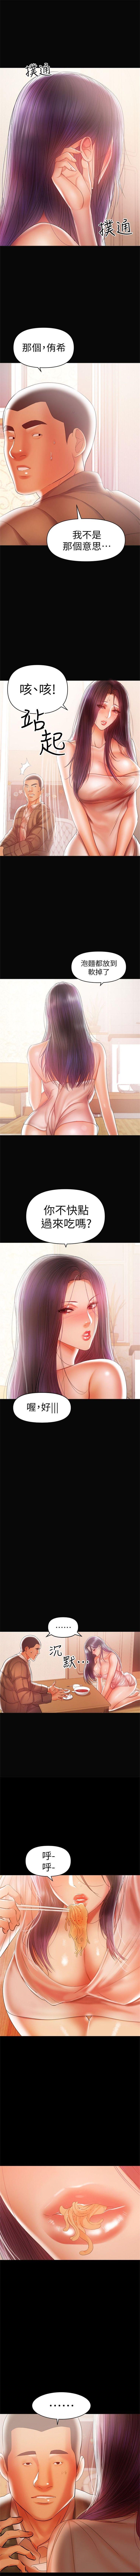 (週6)兼職奶媽 1-31 中文翻譯 (更新中) 107